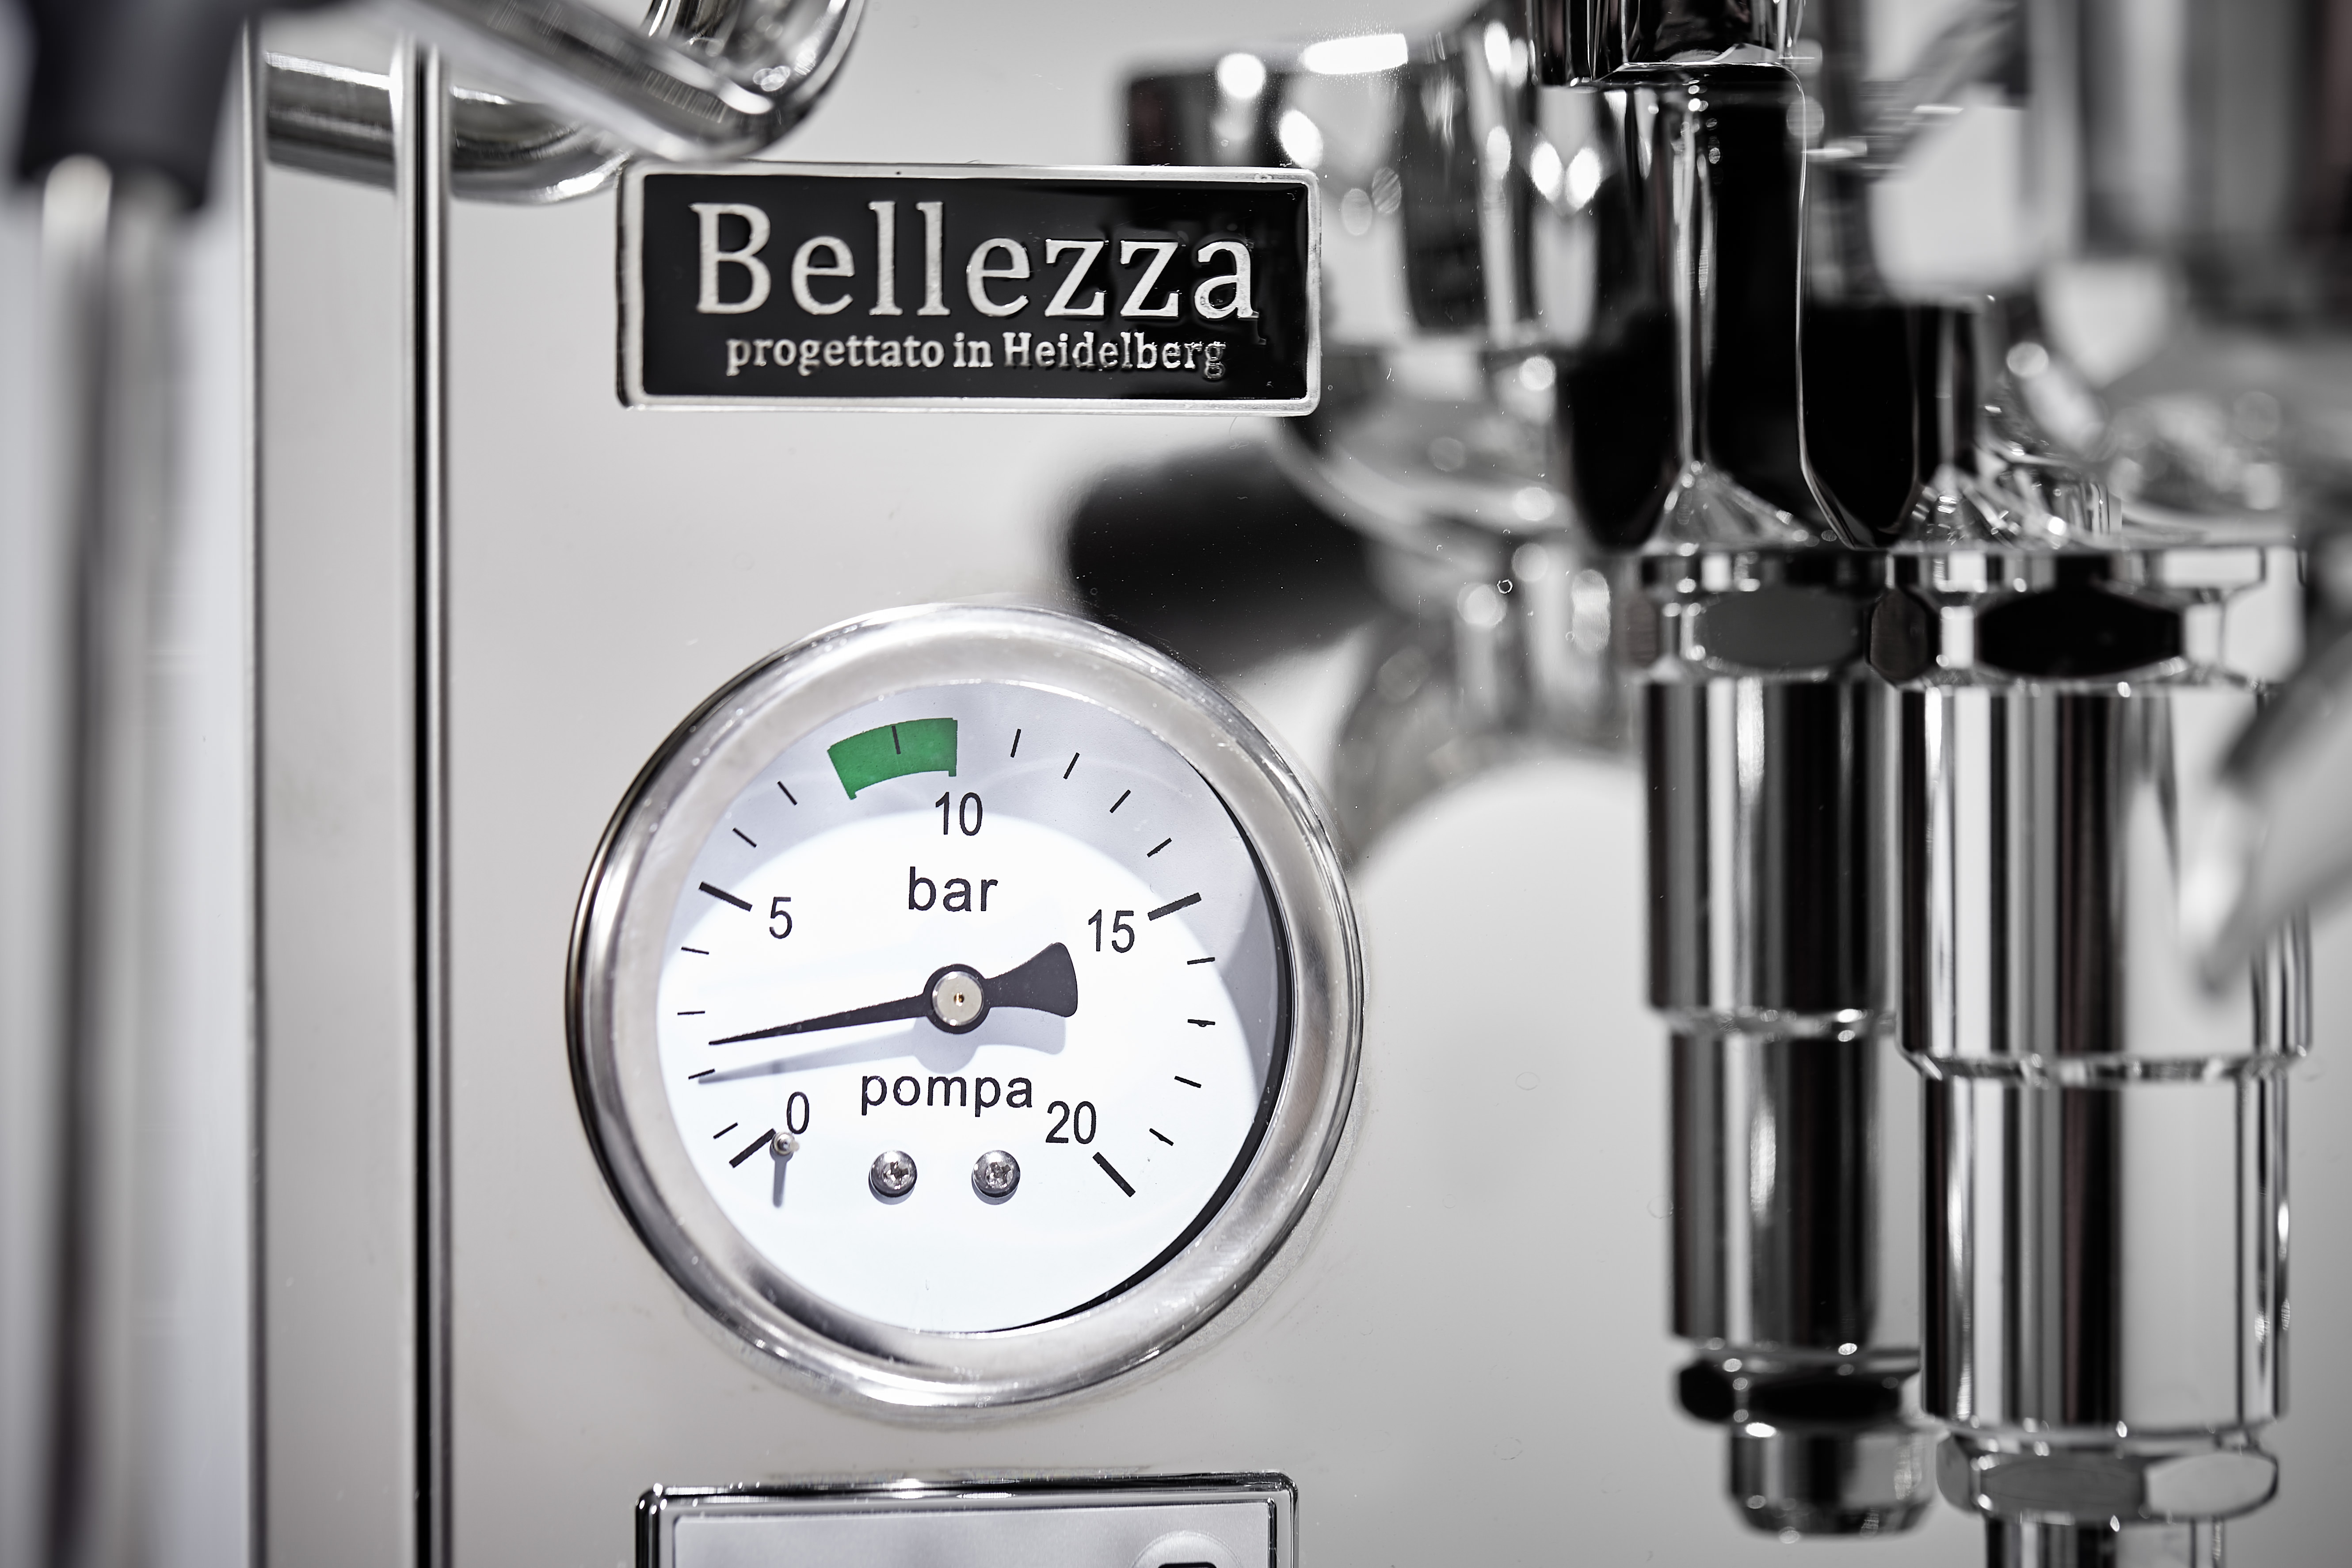 Bellezza-Espressomaschine-Detail